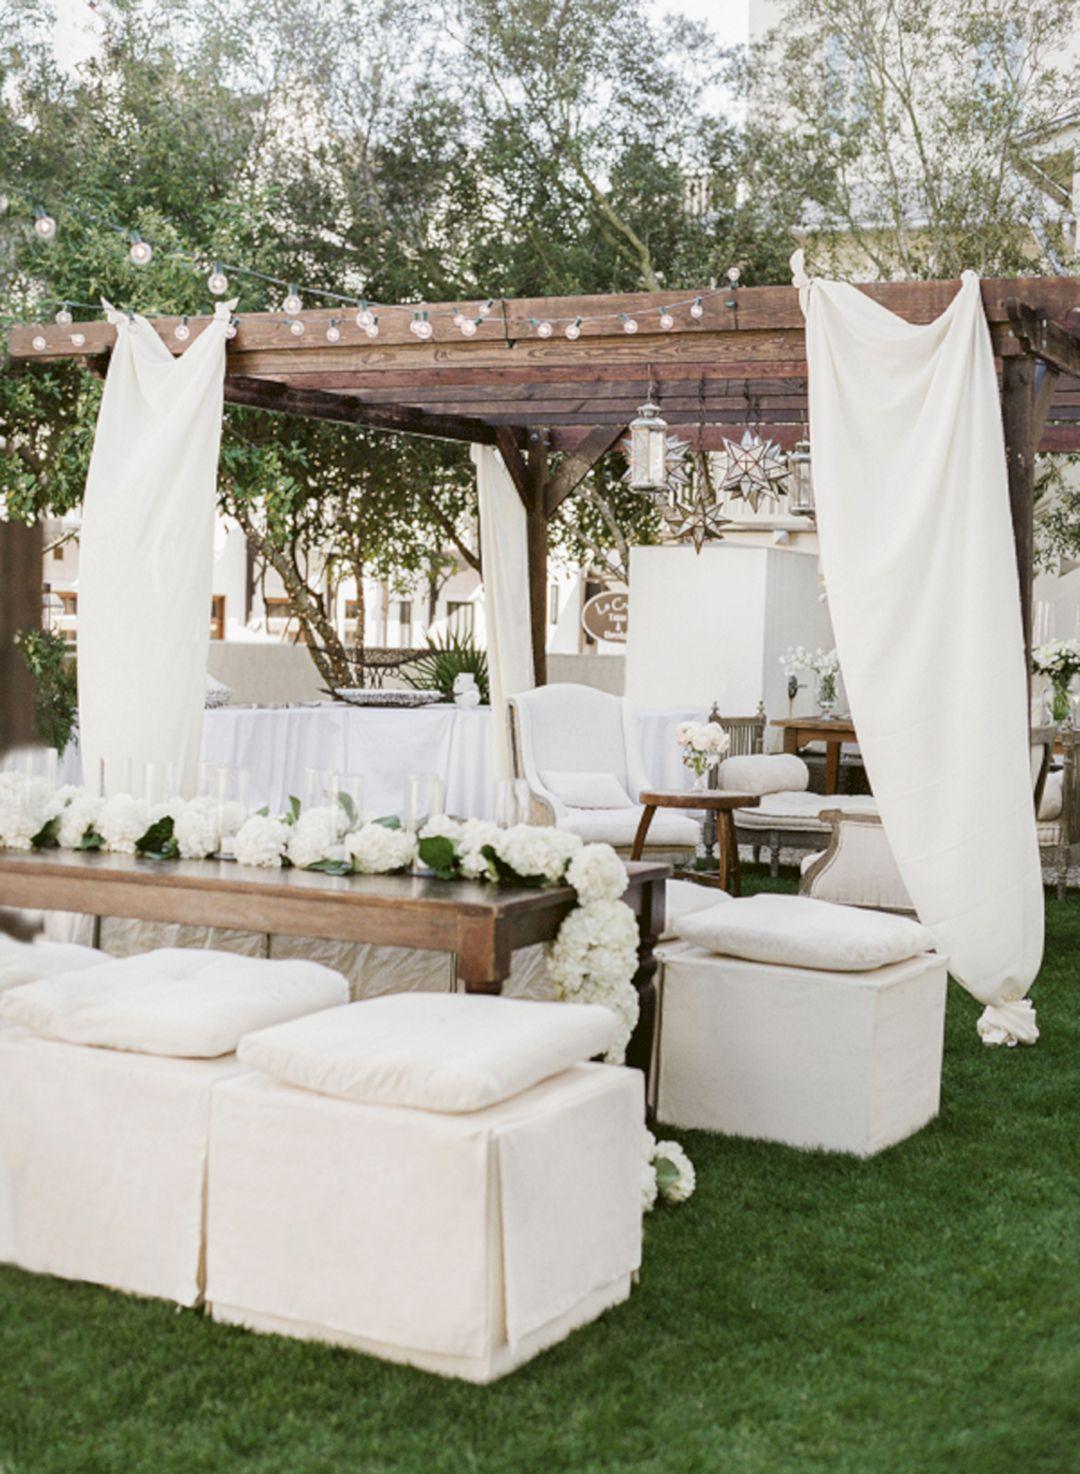 60+ Amazing White Party Theme Ideas For Amazing Party | Theme ideas ...